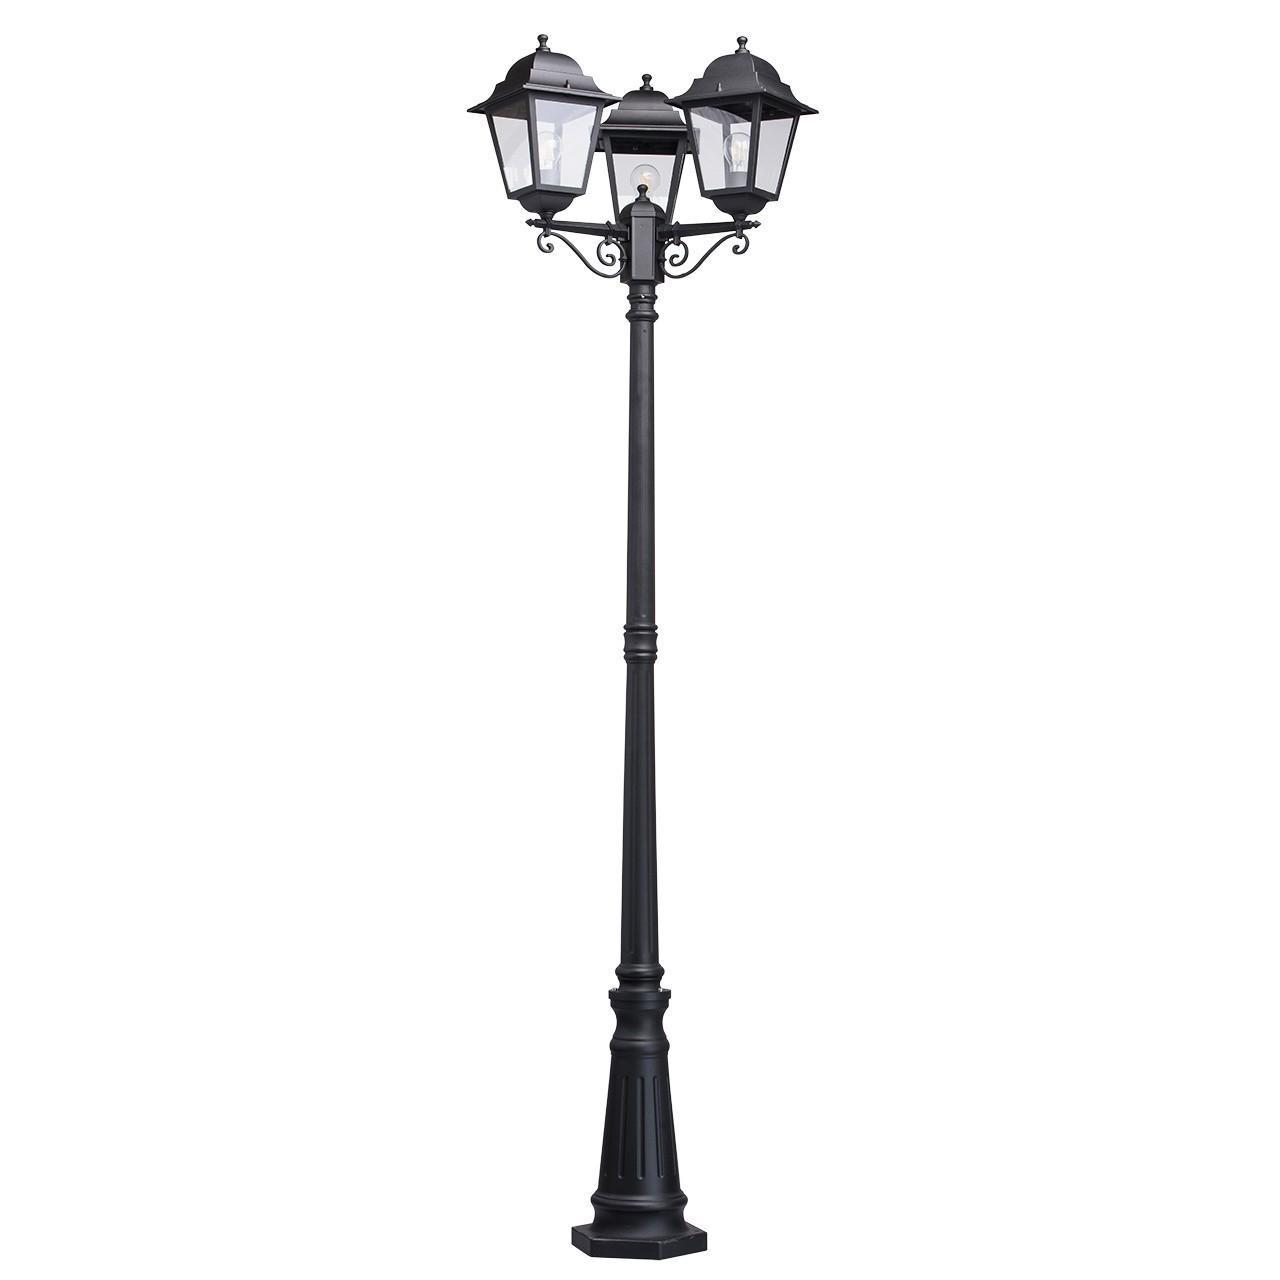 Садово-парковый светильник MW-Light Глазго 2 815041203 mw light садово парковый светильник mw light сандра 811040703